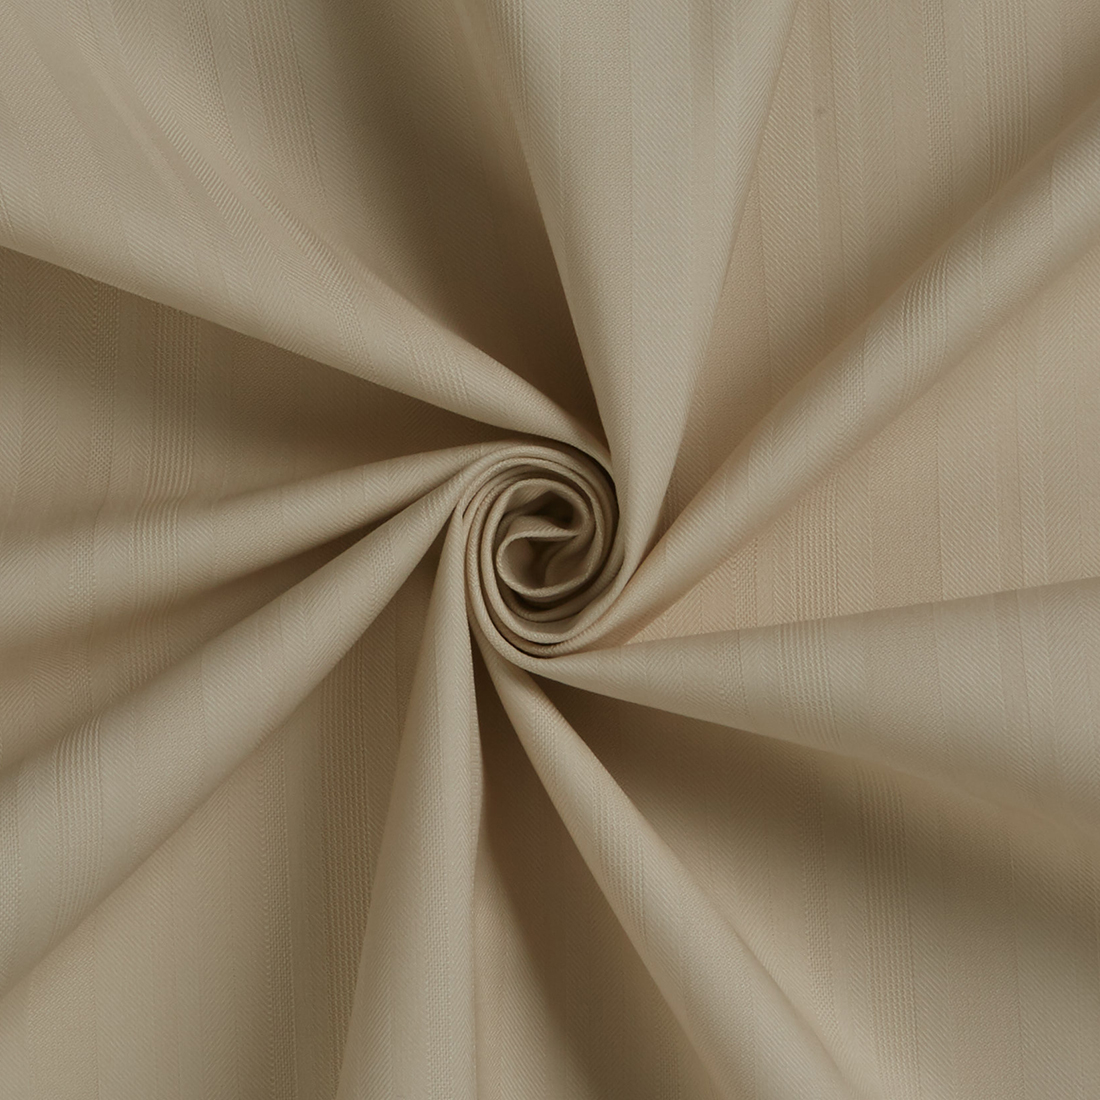 Herringbone Cotton Suiting Beige Fabric